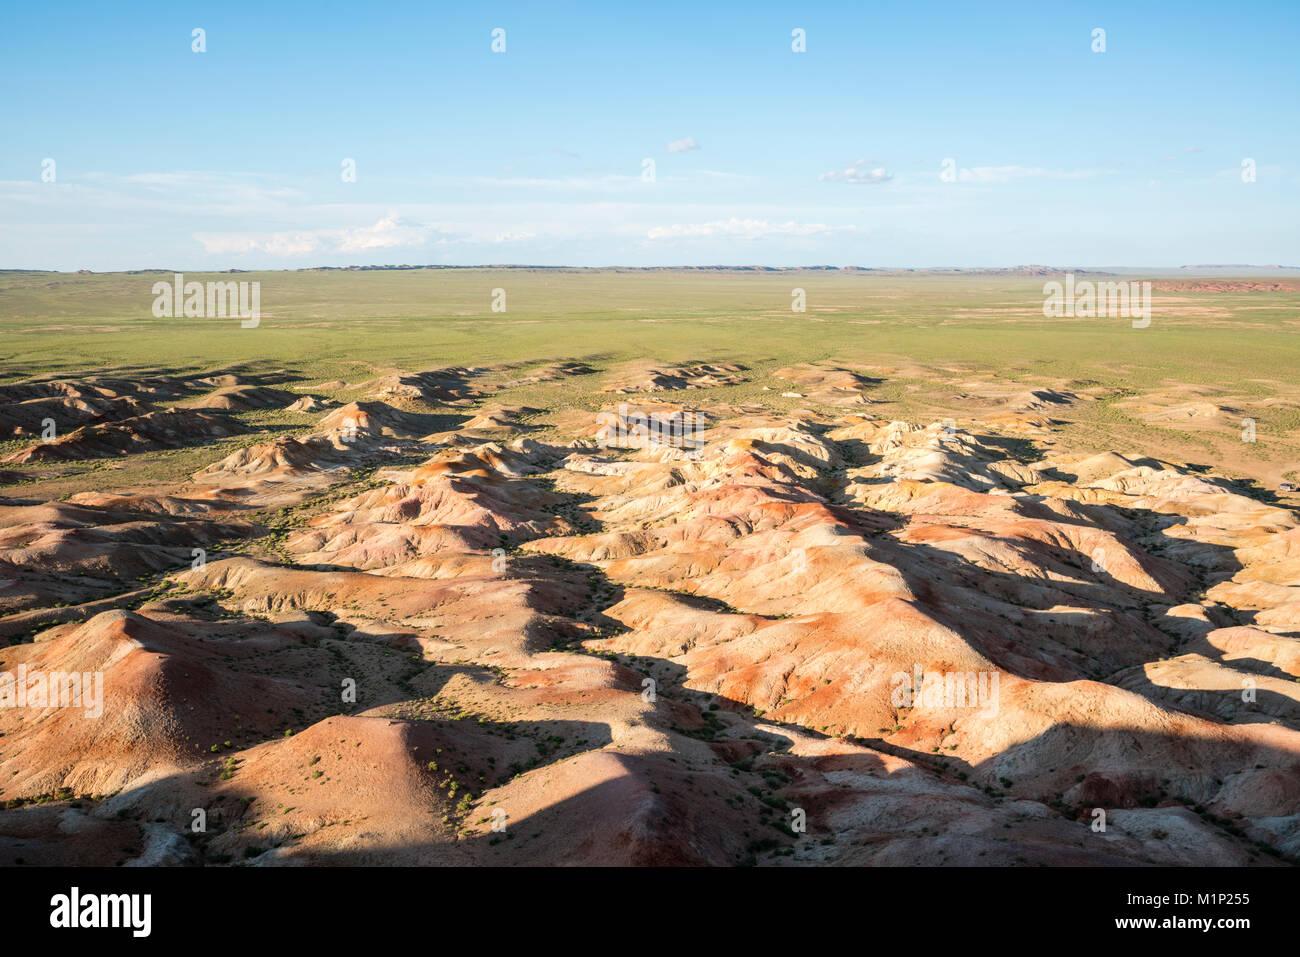 Stupa blanc formations de roche sédimentaire, Ulziit, au milieu de la province de Gobi, la Mongolie, l'Asie Photo Stock